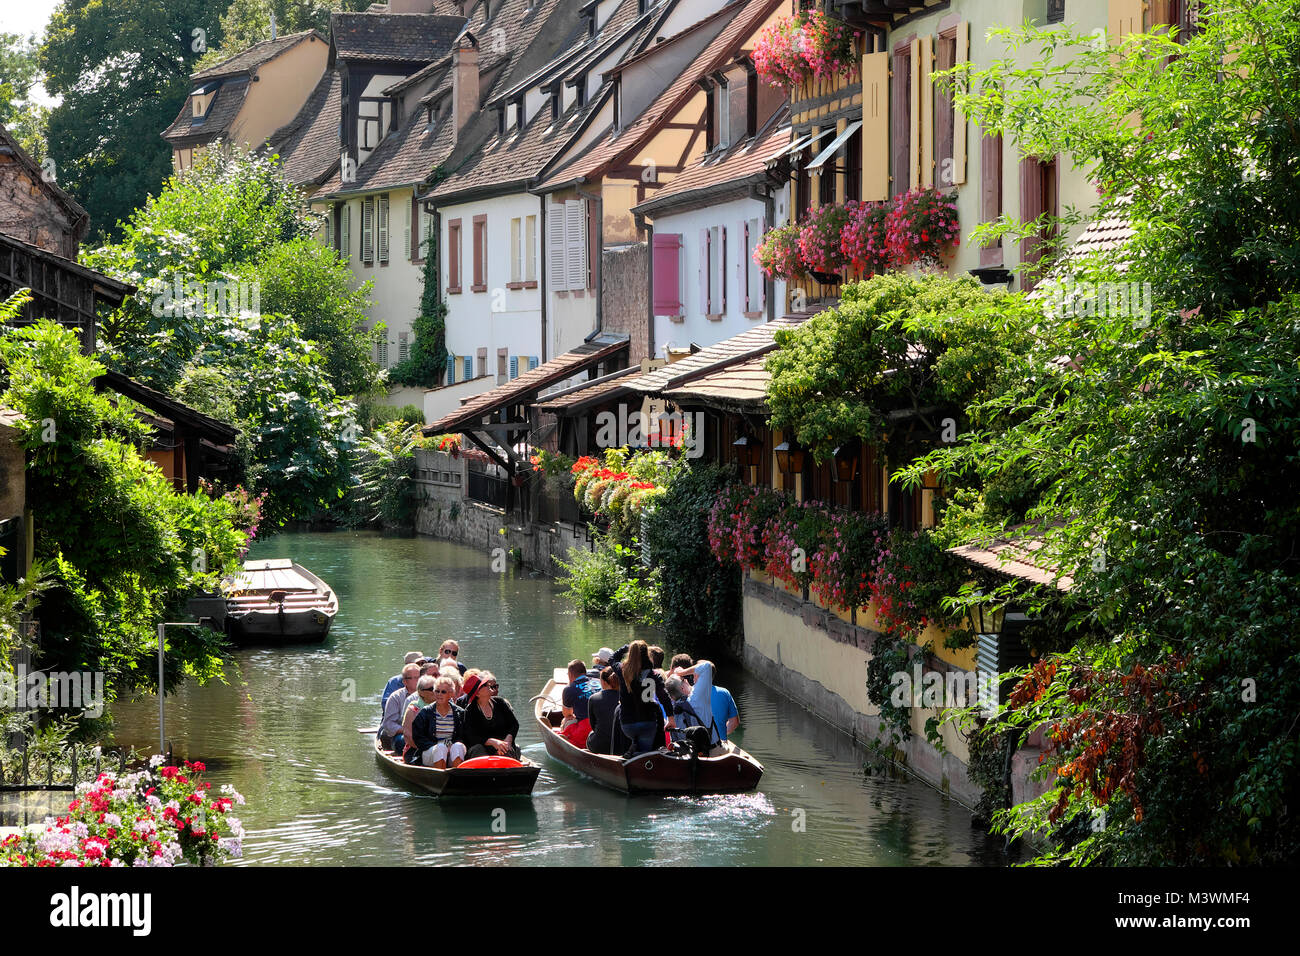 Los turistas en barco por el río en viaje de turismo, Petite Venise / Little Venice, Colmar, Alsacia, Francia Imagen De Stock